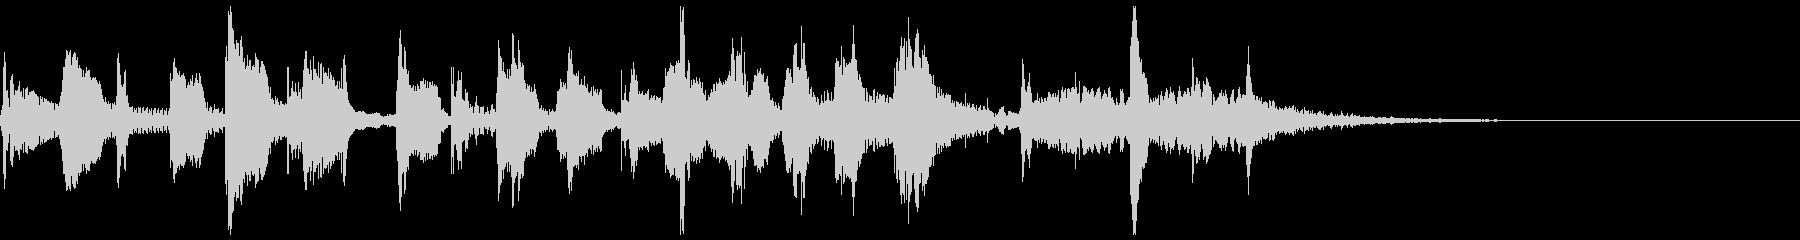 陽気なラテントランペットほのぼのジングルの未再生の波形